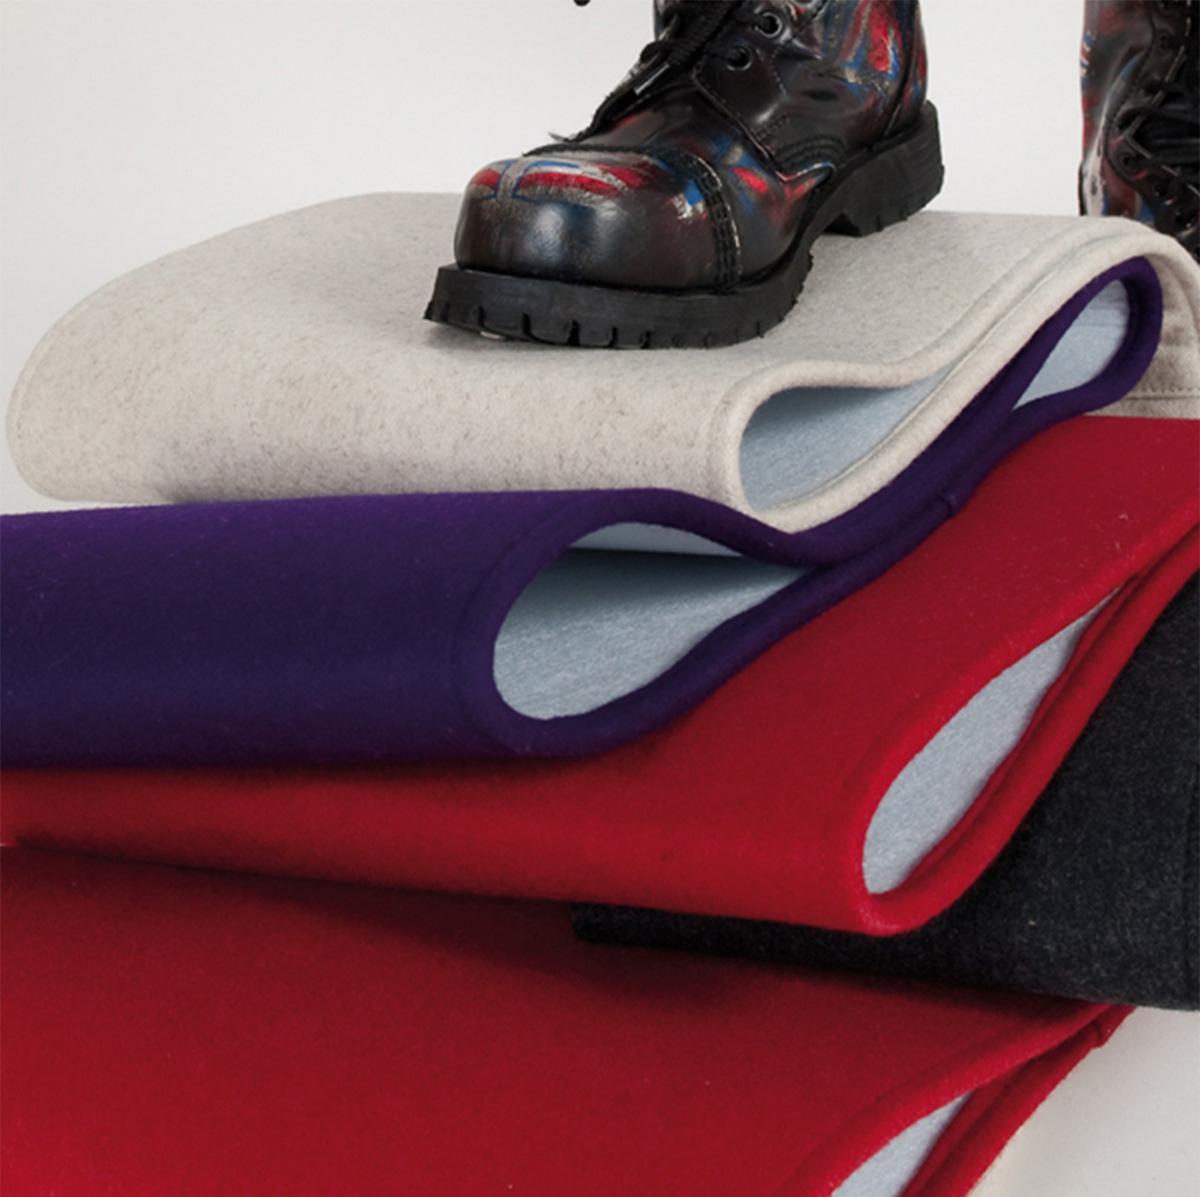 DesignOrt Blog: Trommelförmige Designerleuchten Pendelleuchte Kobe von Innermost mit memory foam